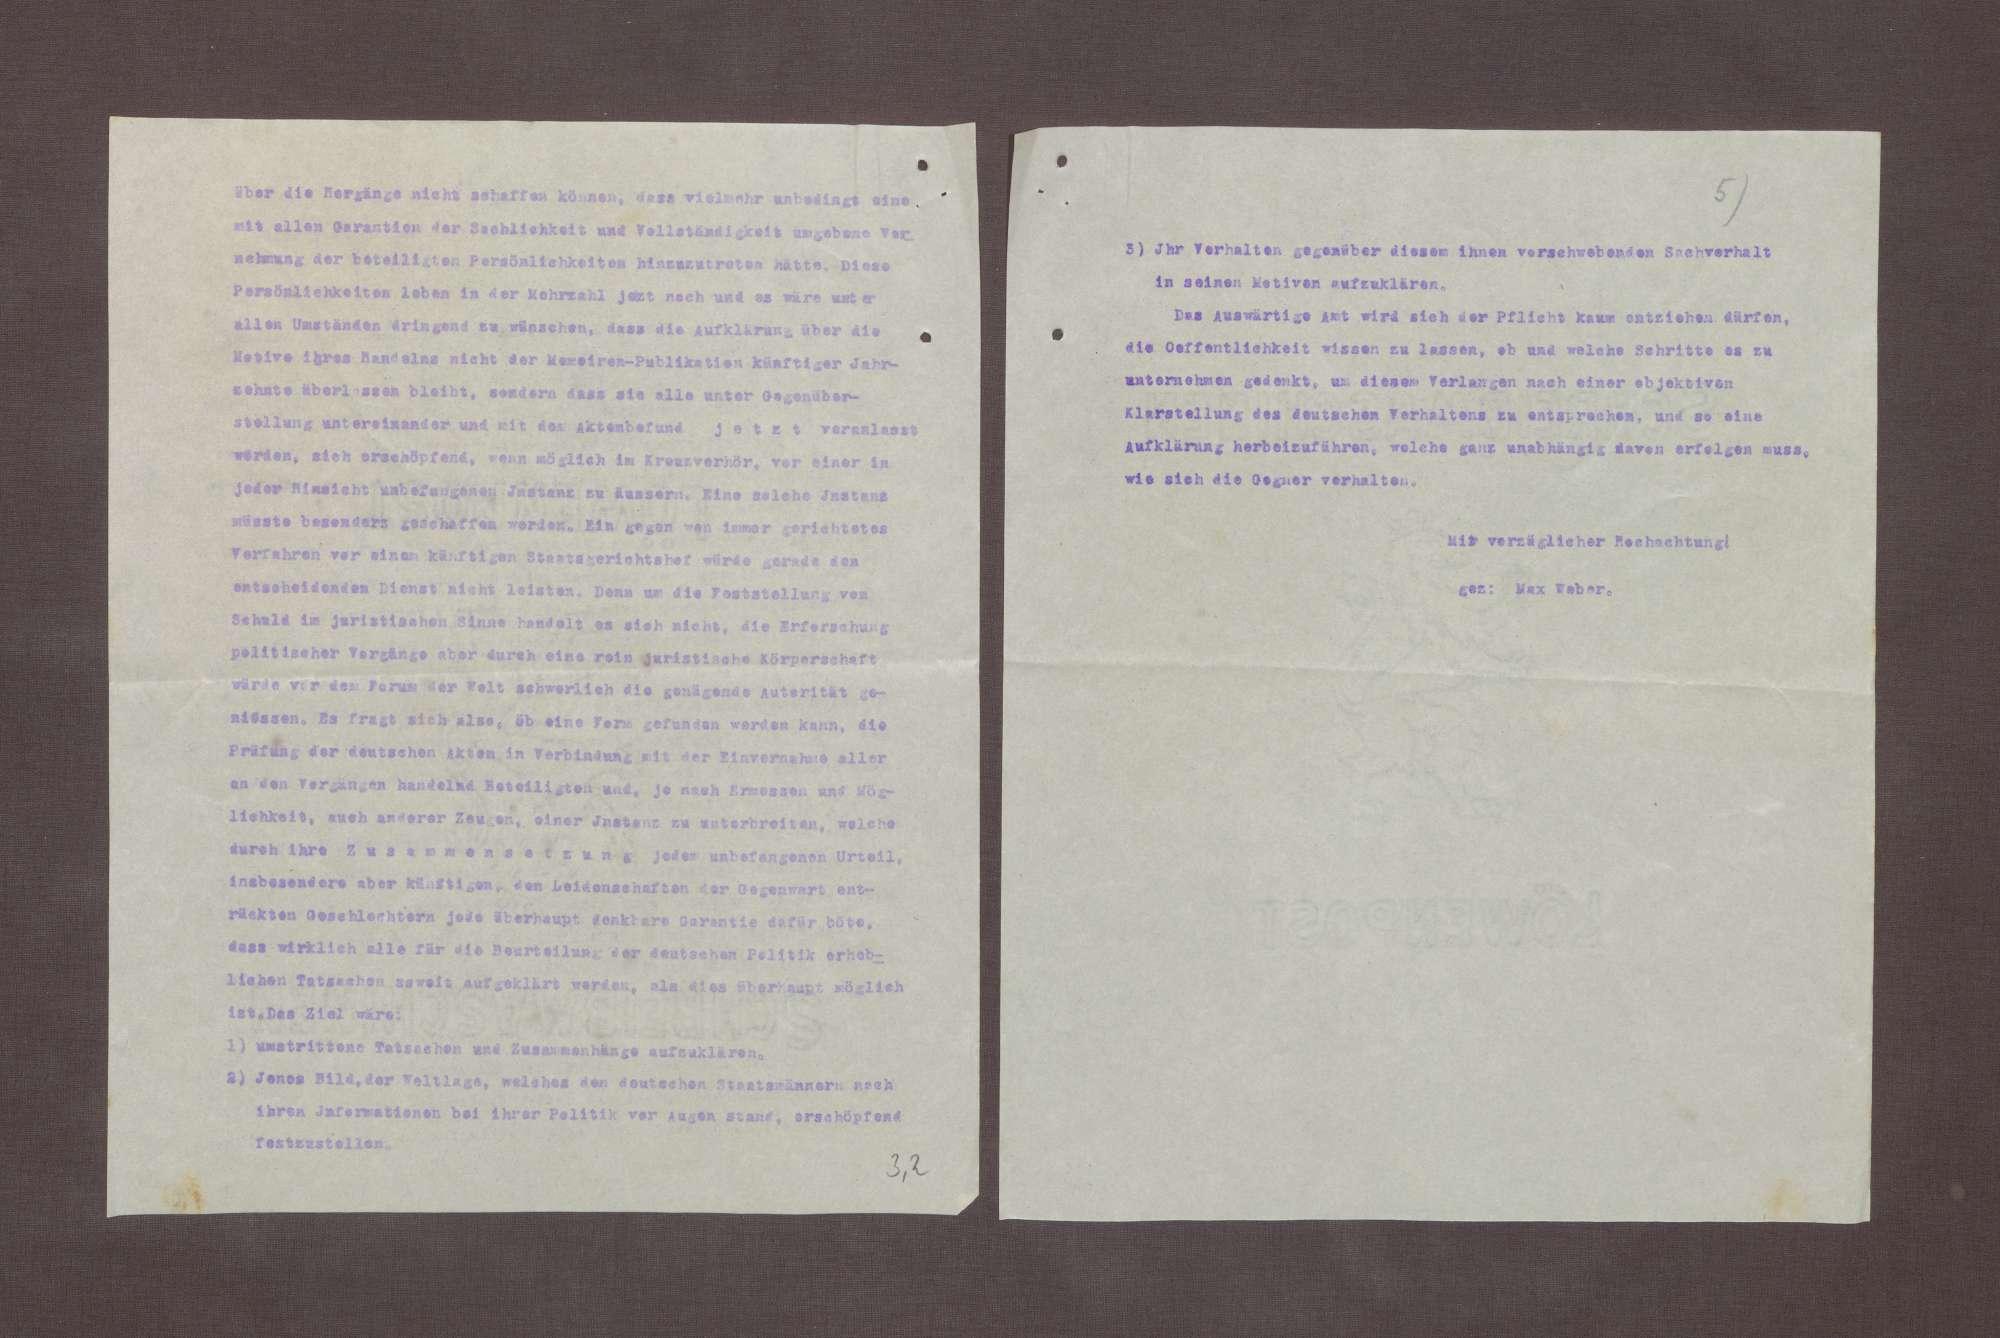 Abschrift eines Briefs von Max Weber an die Redation der Frankfurter Zeitung bzgl. der Kriegsschuld und der Öffnung der Archive der kriegführenden Nationen für eine neutrale Kommission, Bild 2